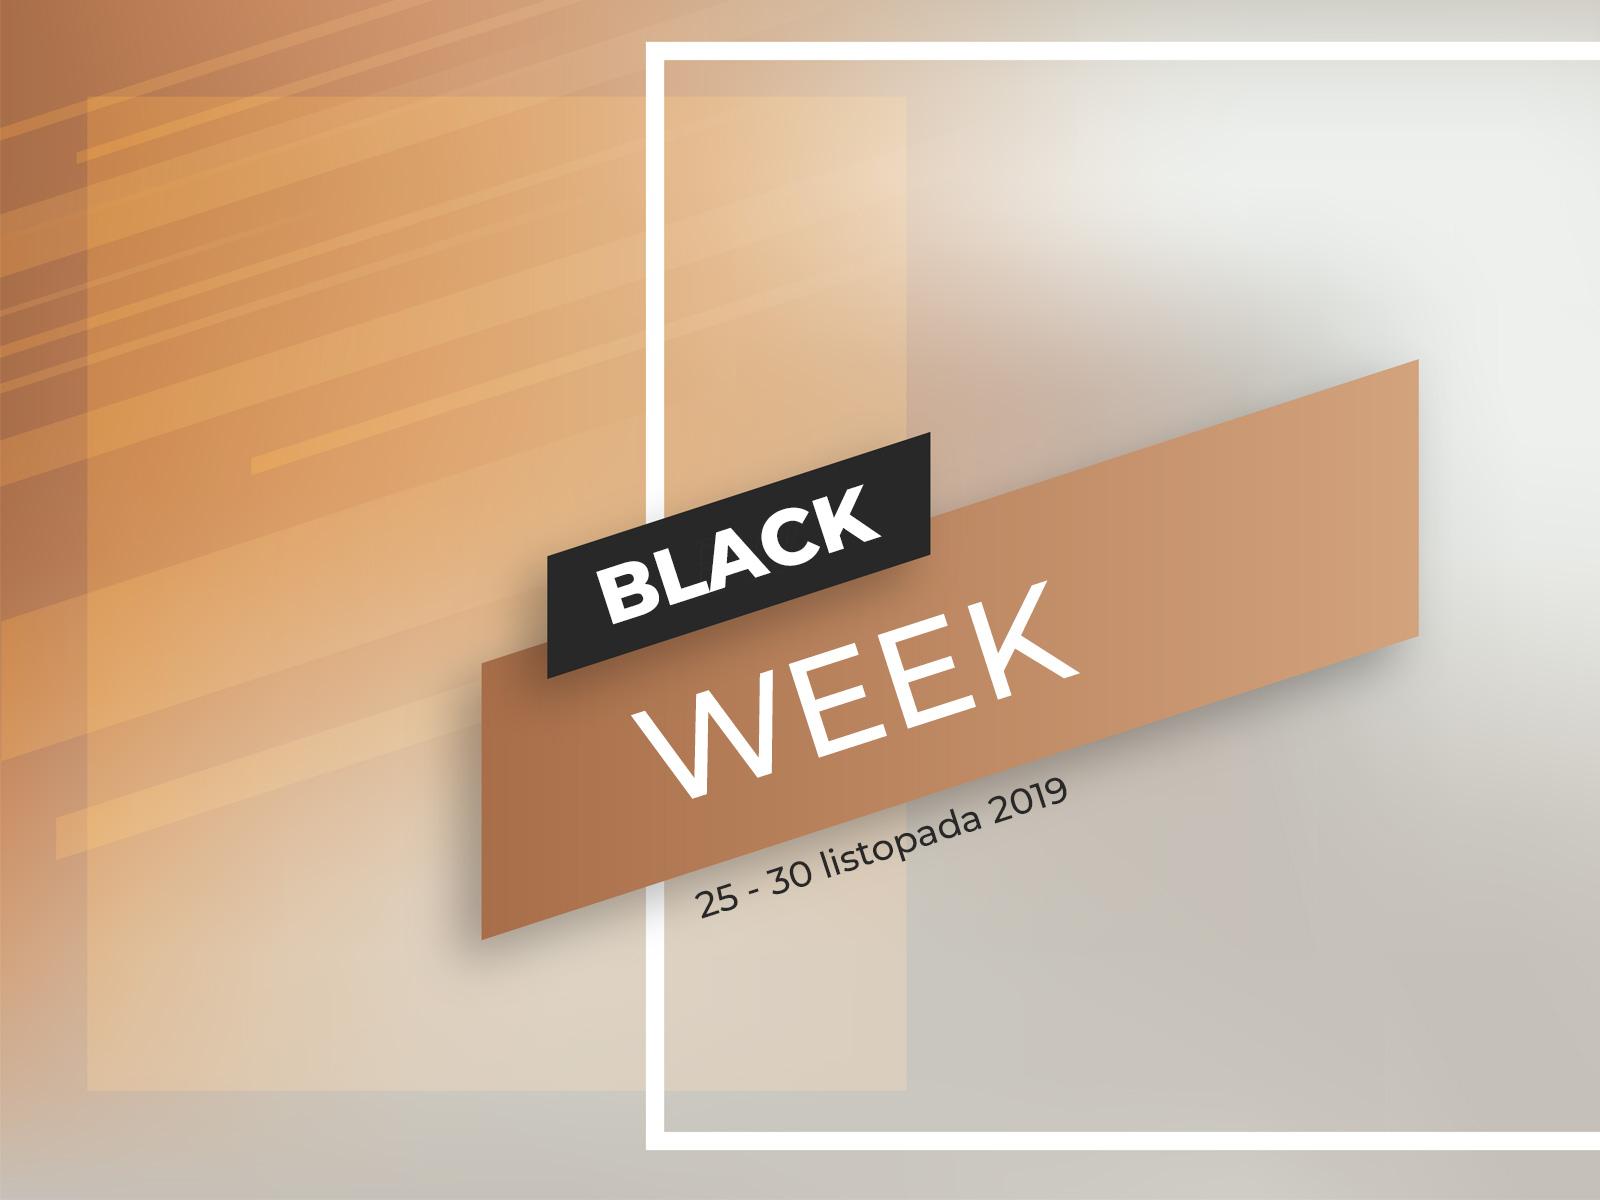 BLACK WEEK DO 60% OFF!